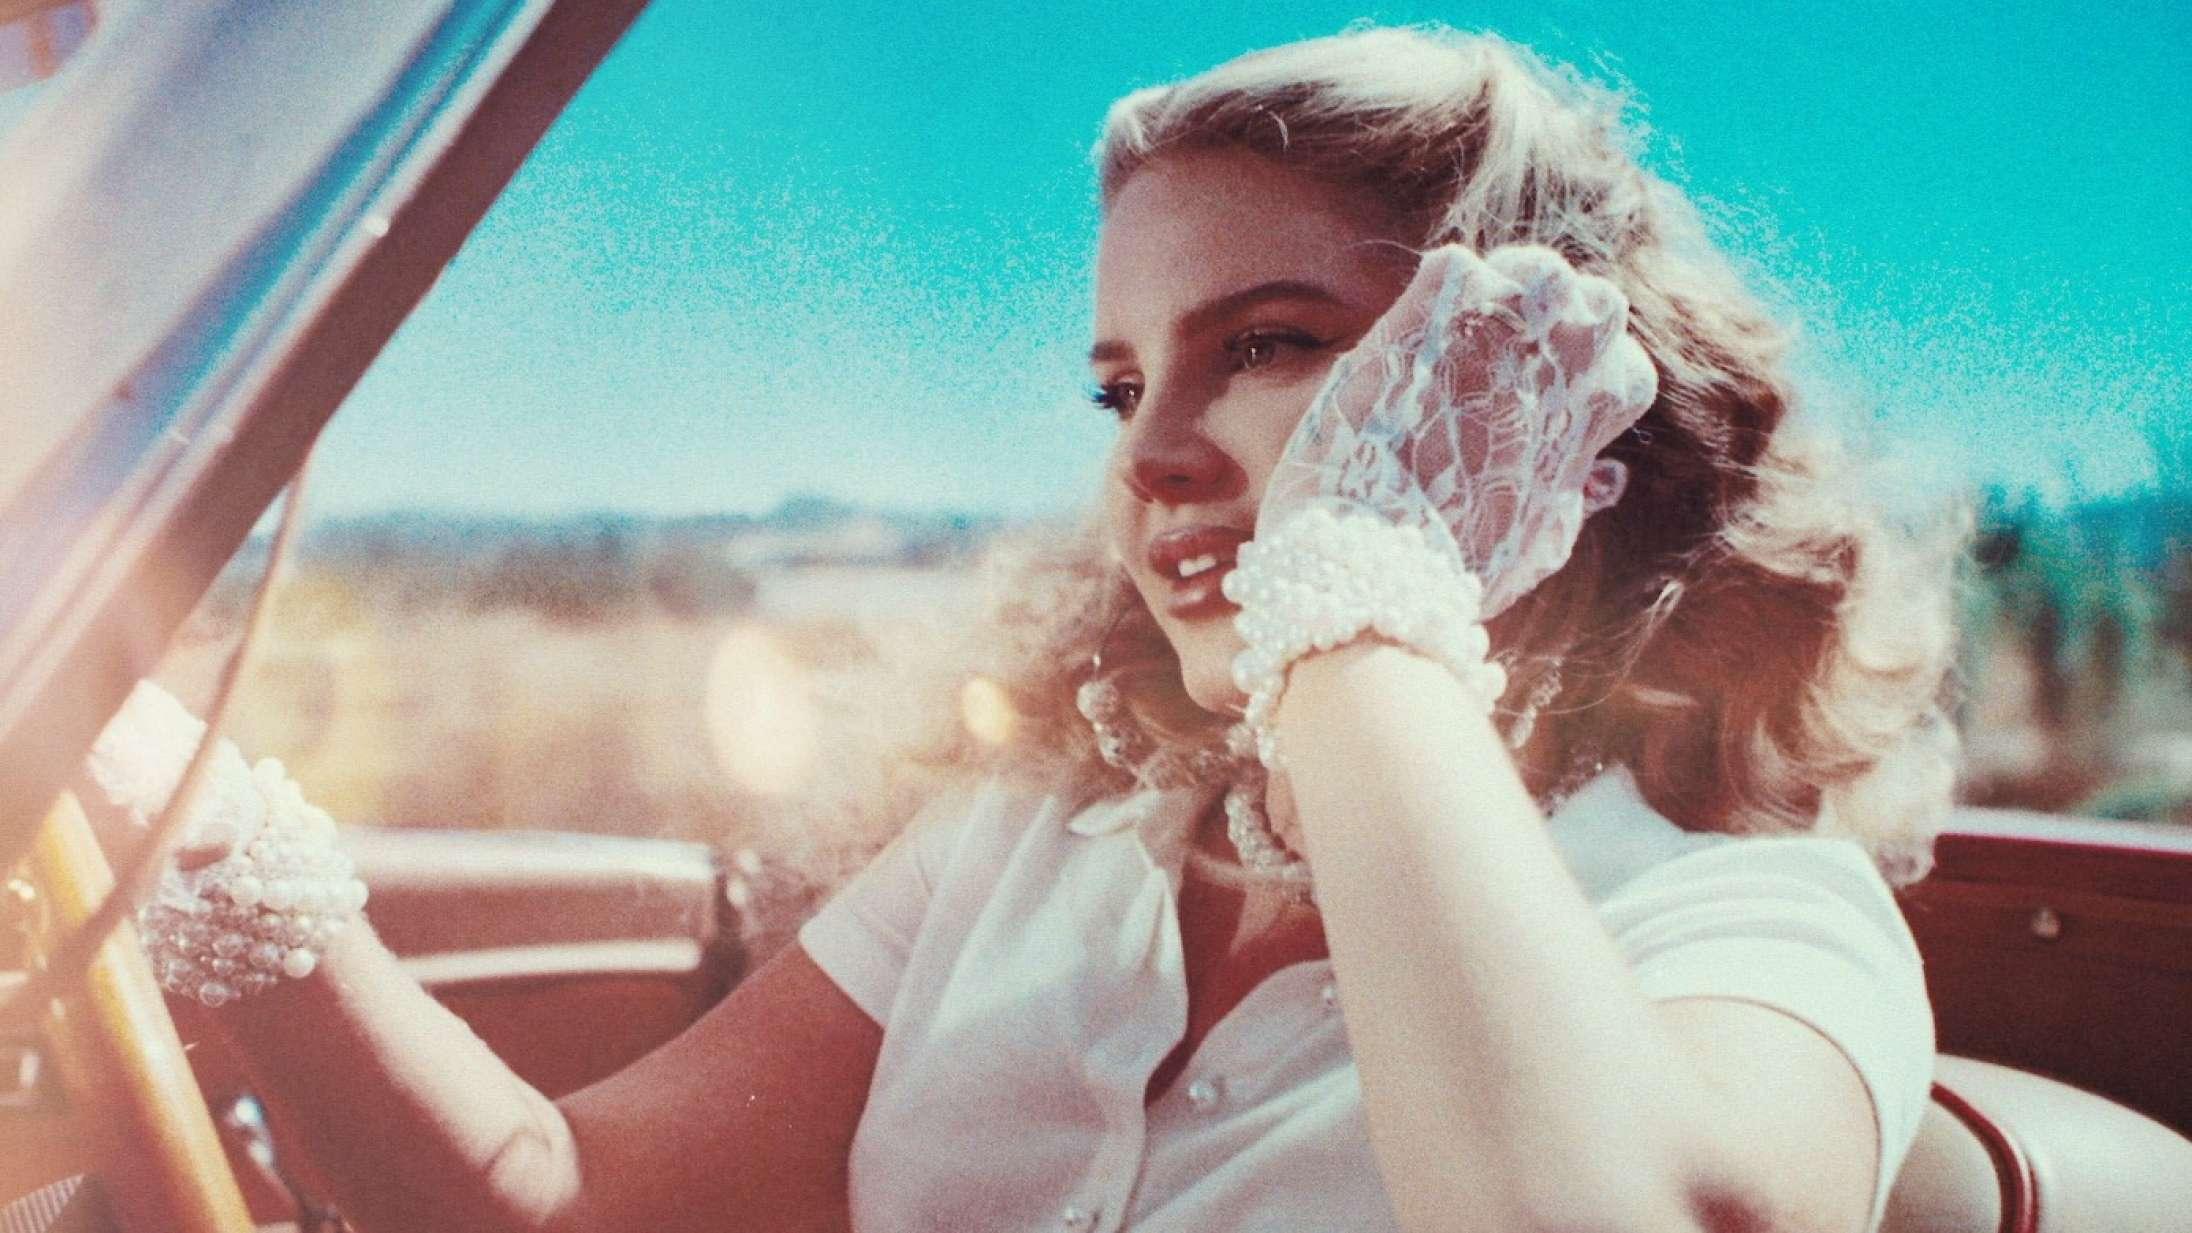 Lana Del Rey annoncerer officielt nyt 2021-album – med en ret speciel udgivelsesdato